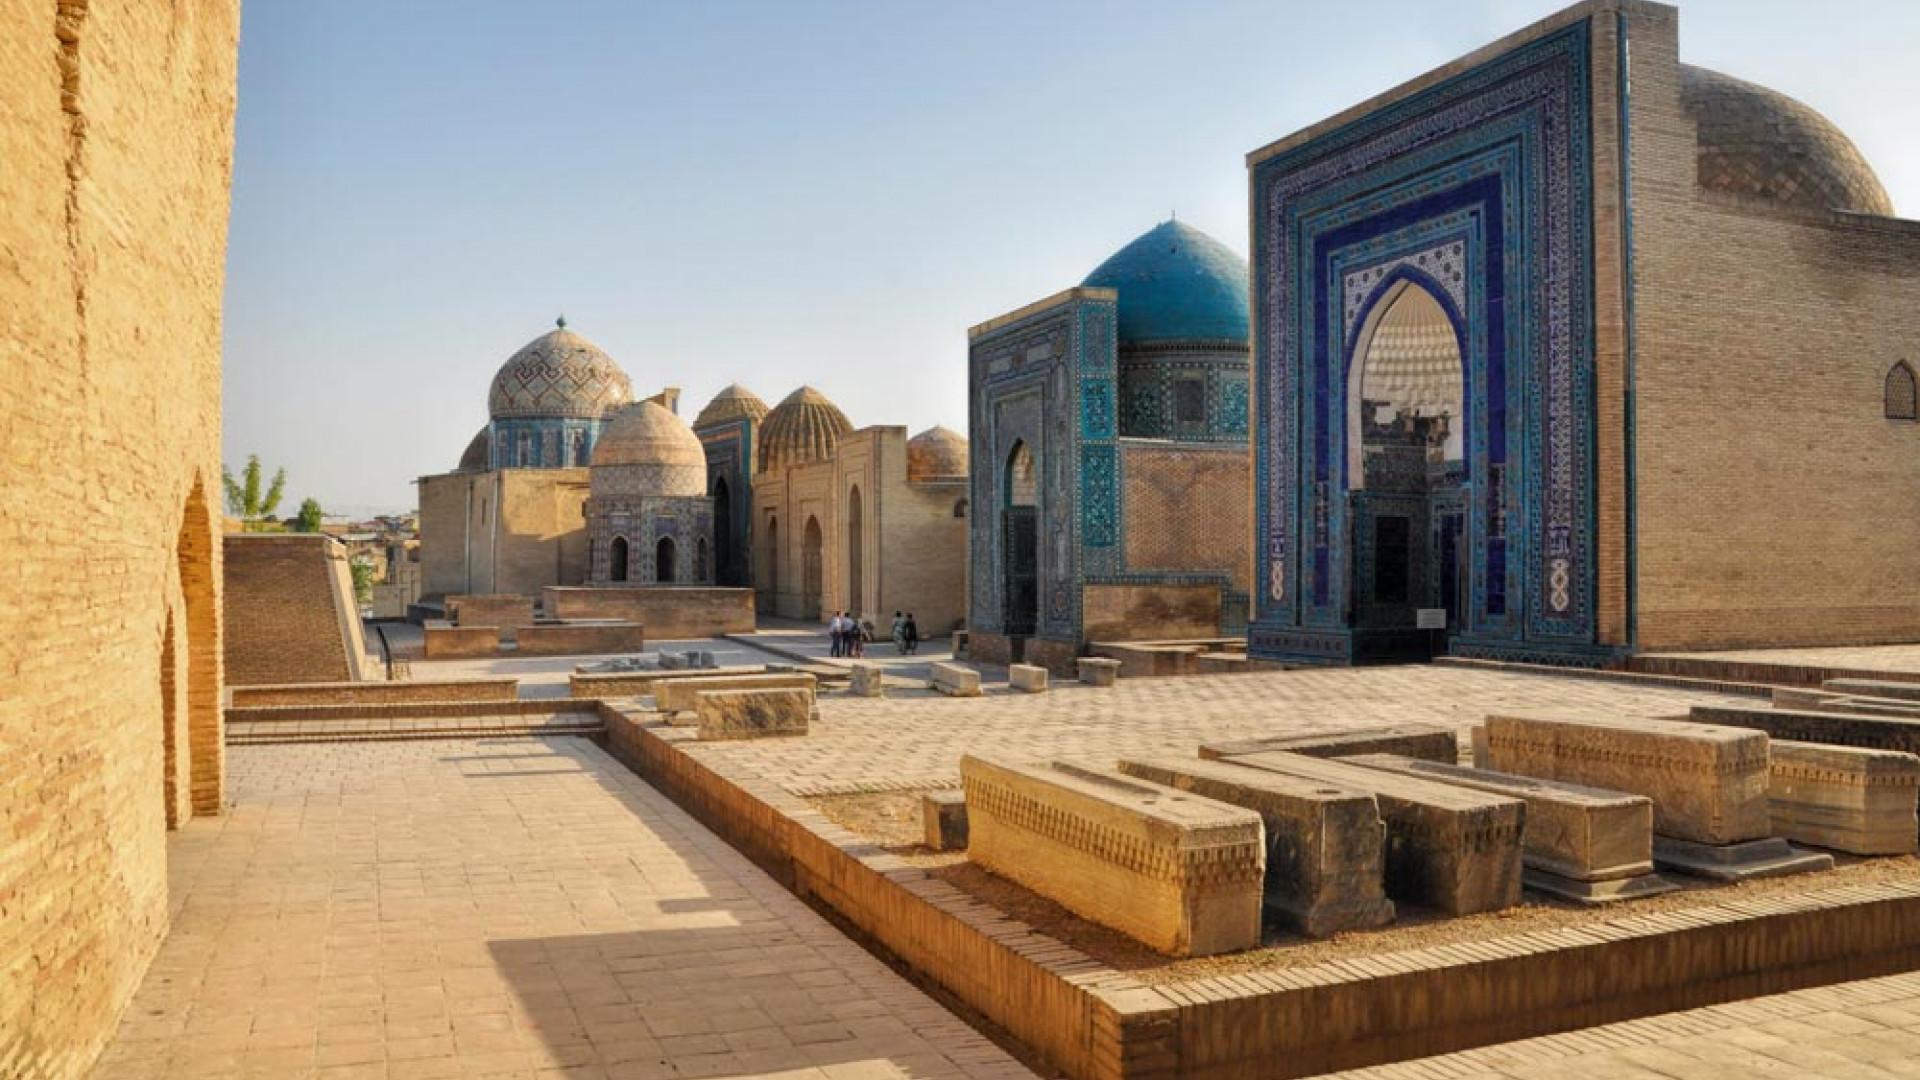 Beautifully decorated city of Samarkand, Uzbekistan